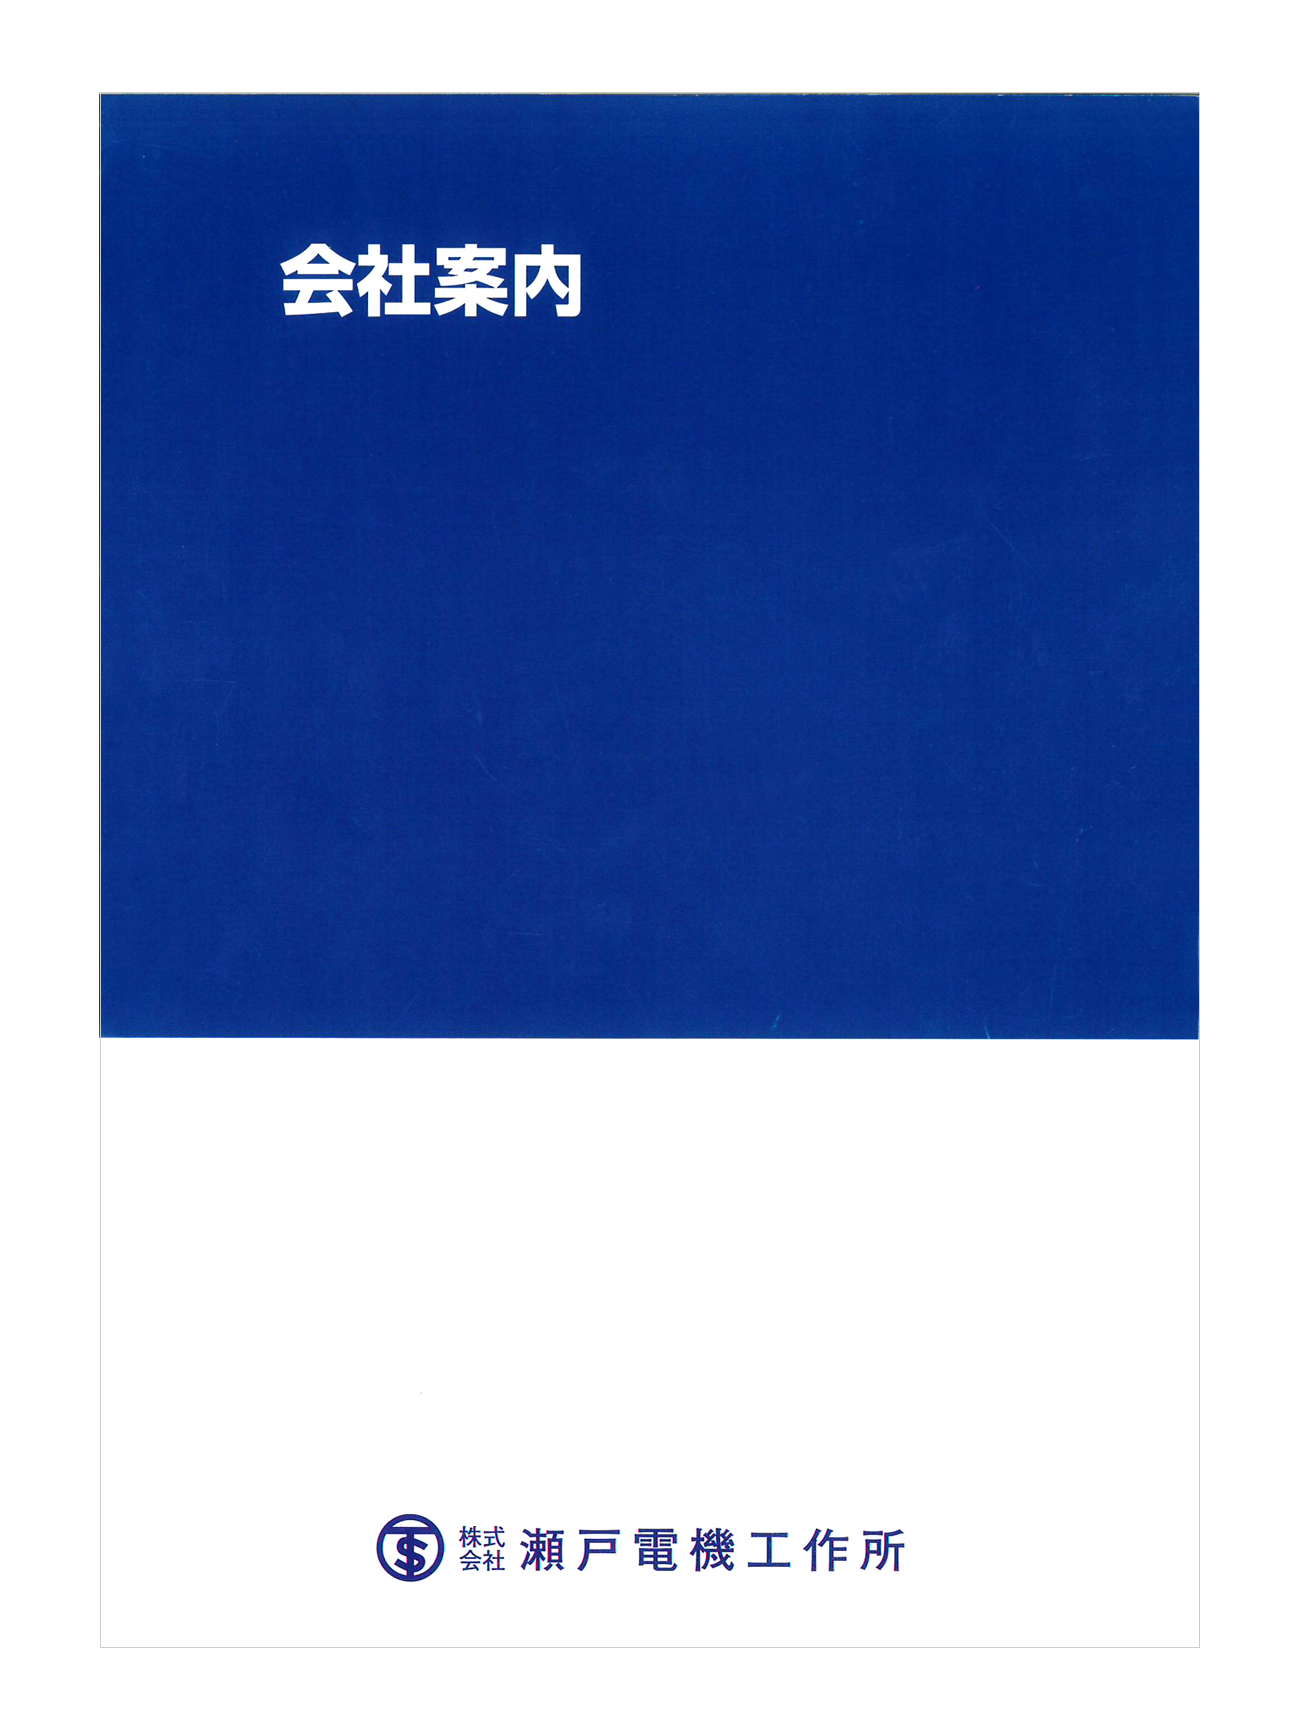 姫路市 (株)瀬戸電機工作所 パンフレット制作3